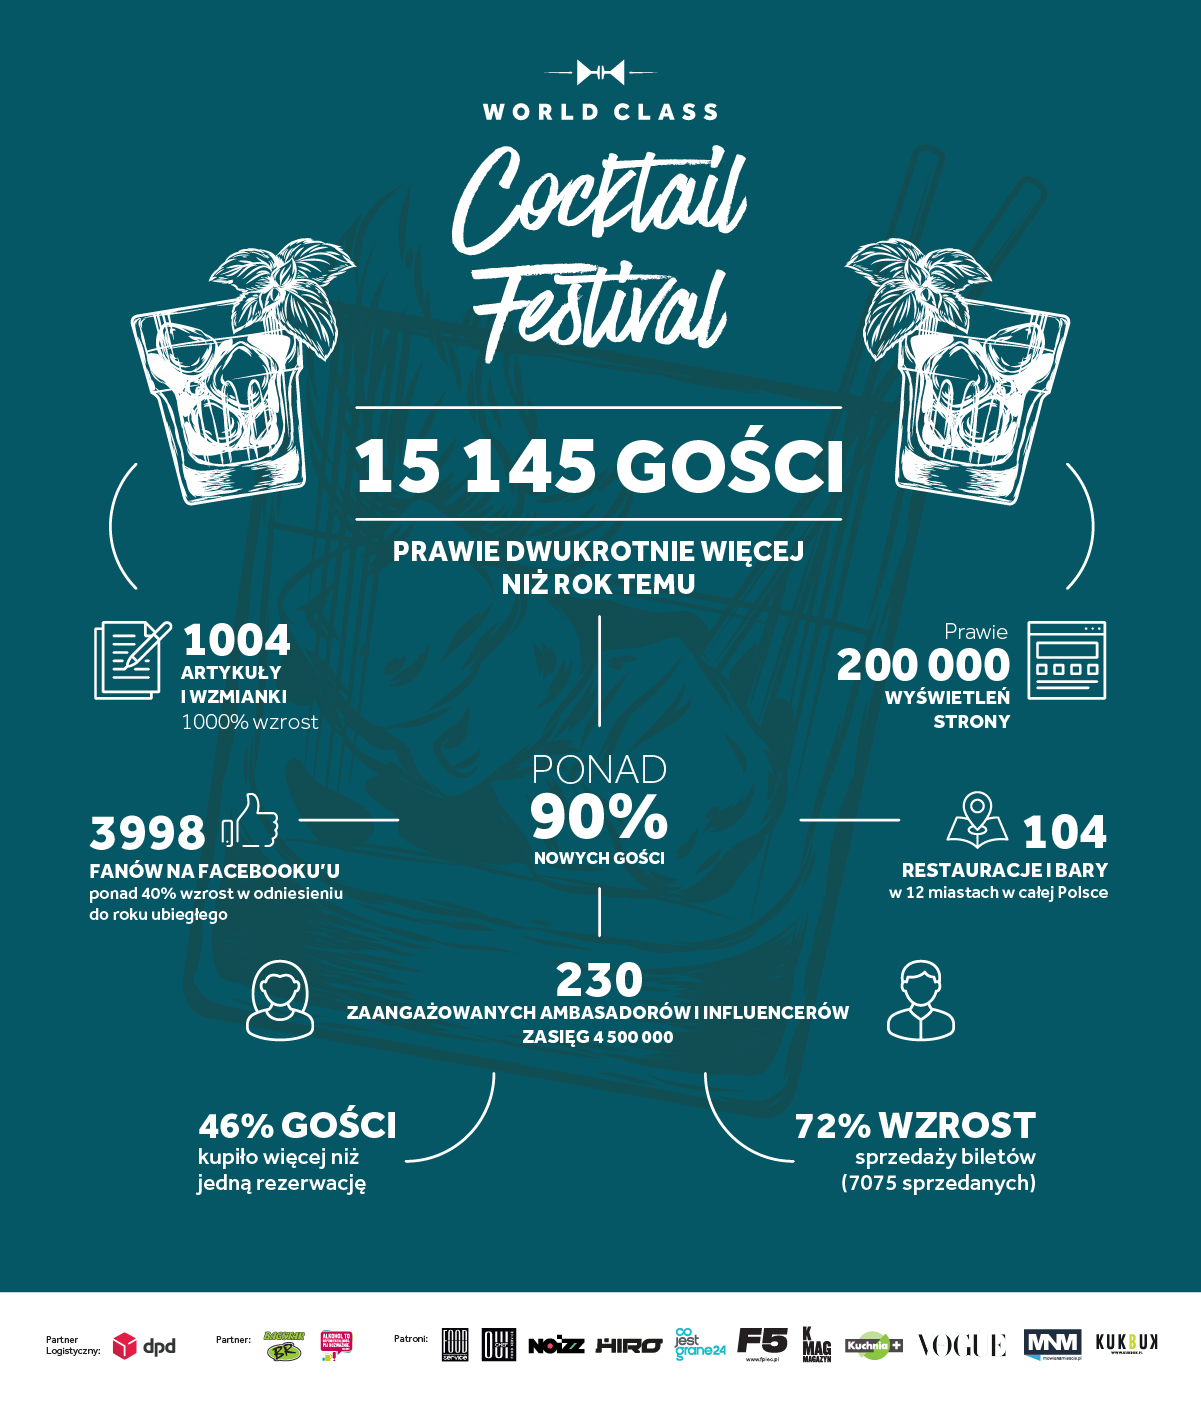 Infografika z ostatniej edycji World Class Cocktail Festival